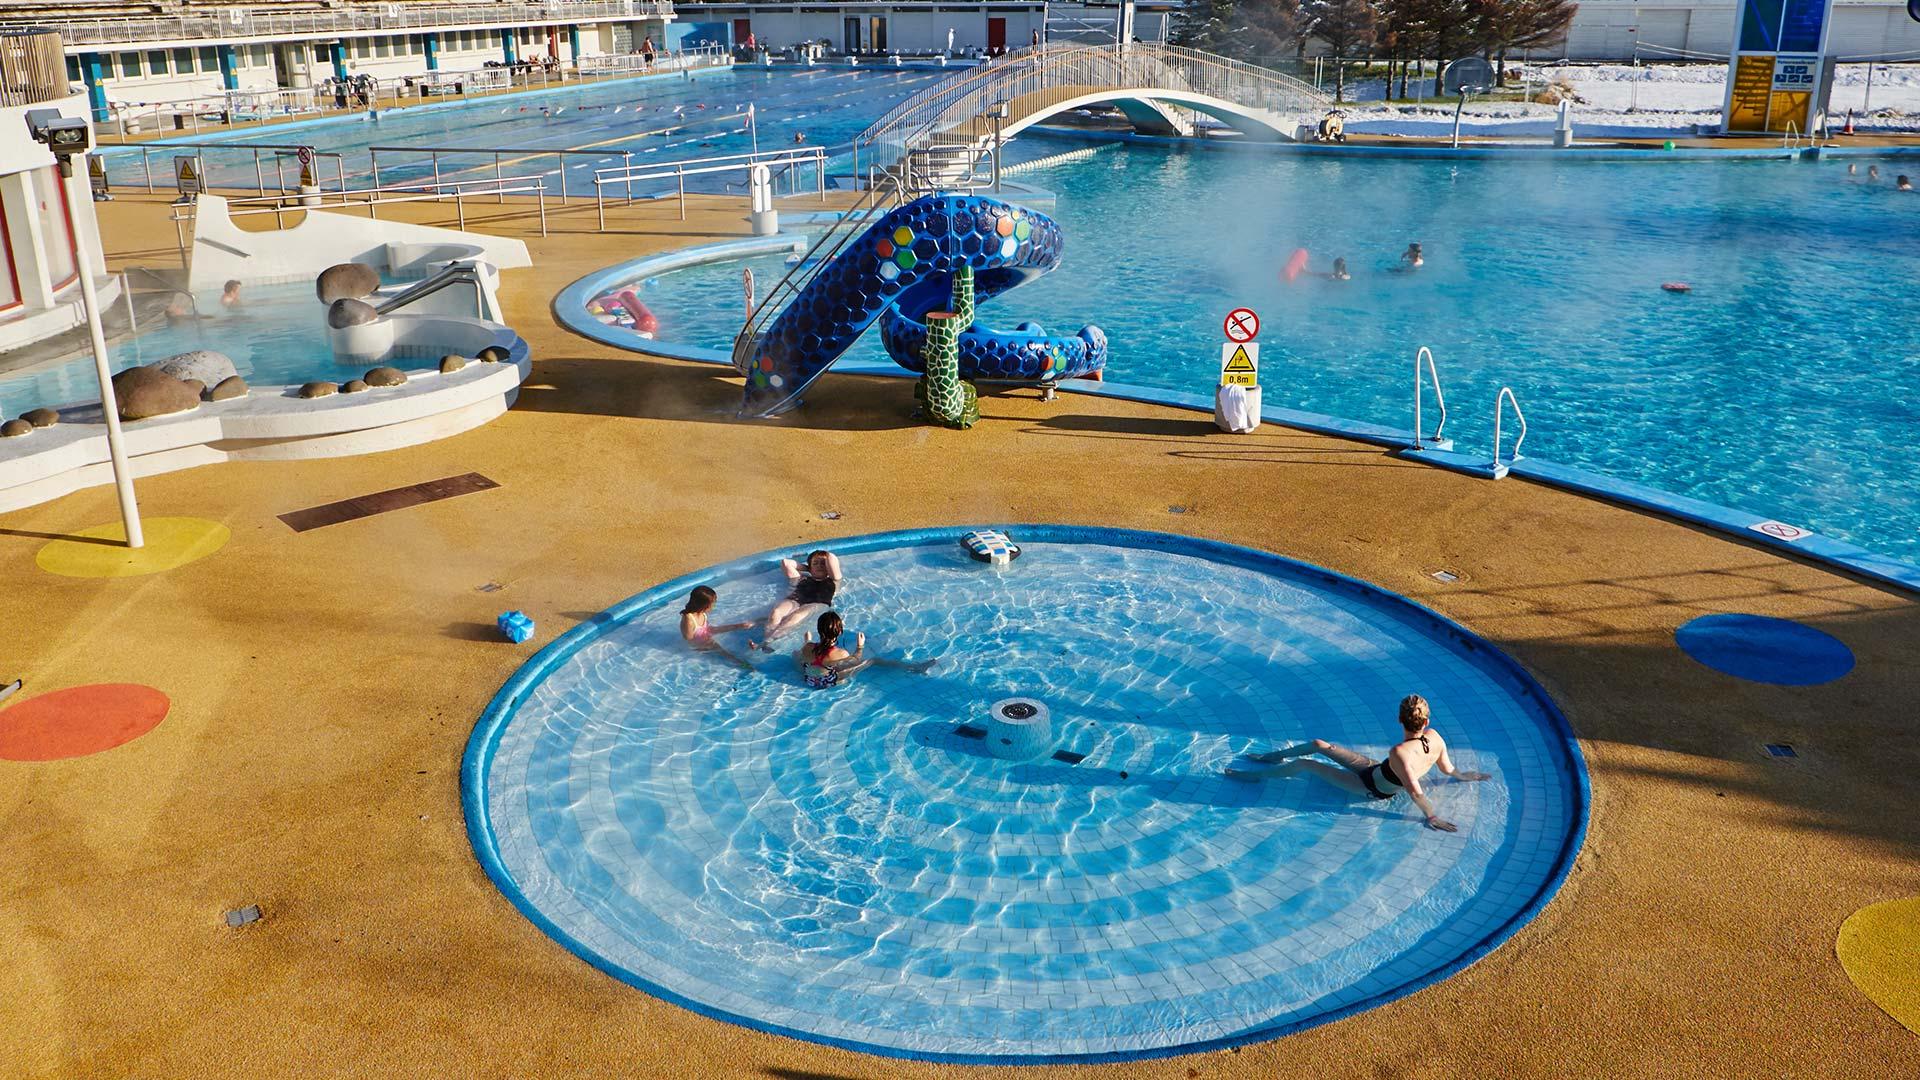 laugardalslaug_swimming_pool_reykjavik_summer.jpg